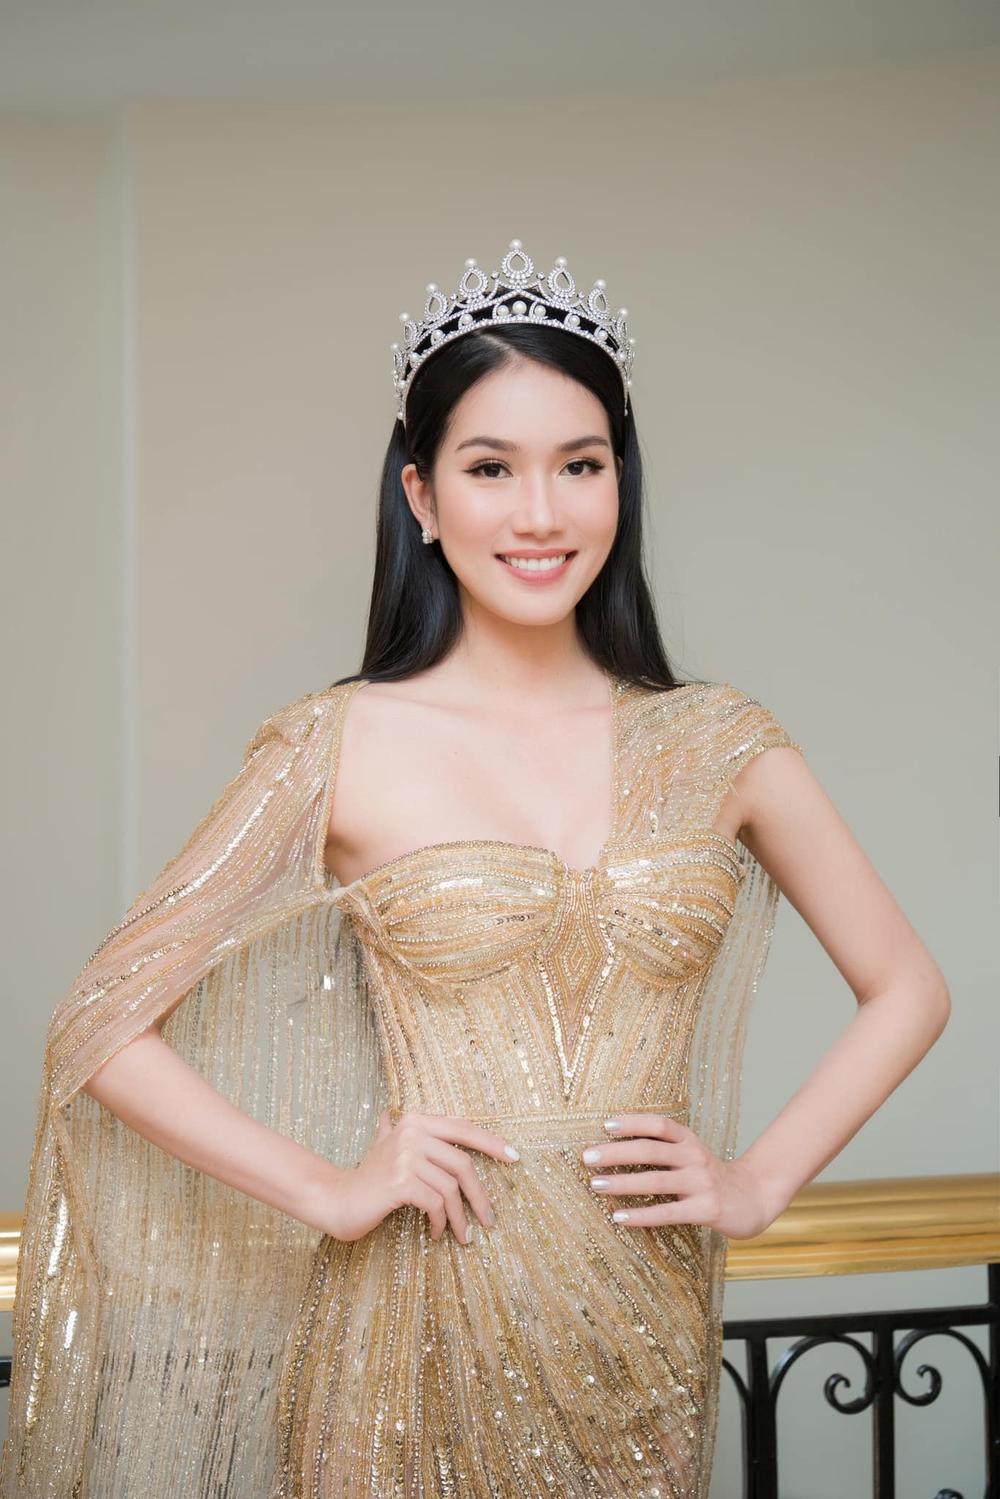 Á hậu Phương Anh đẹp vượt mặt chị đại Thanh Hằng dù đã sửa kết cấu váy, bộ đầm tạo kỉ lục mới! Ảnh 1